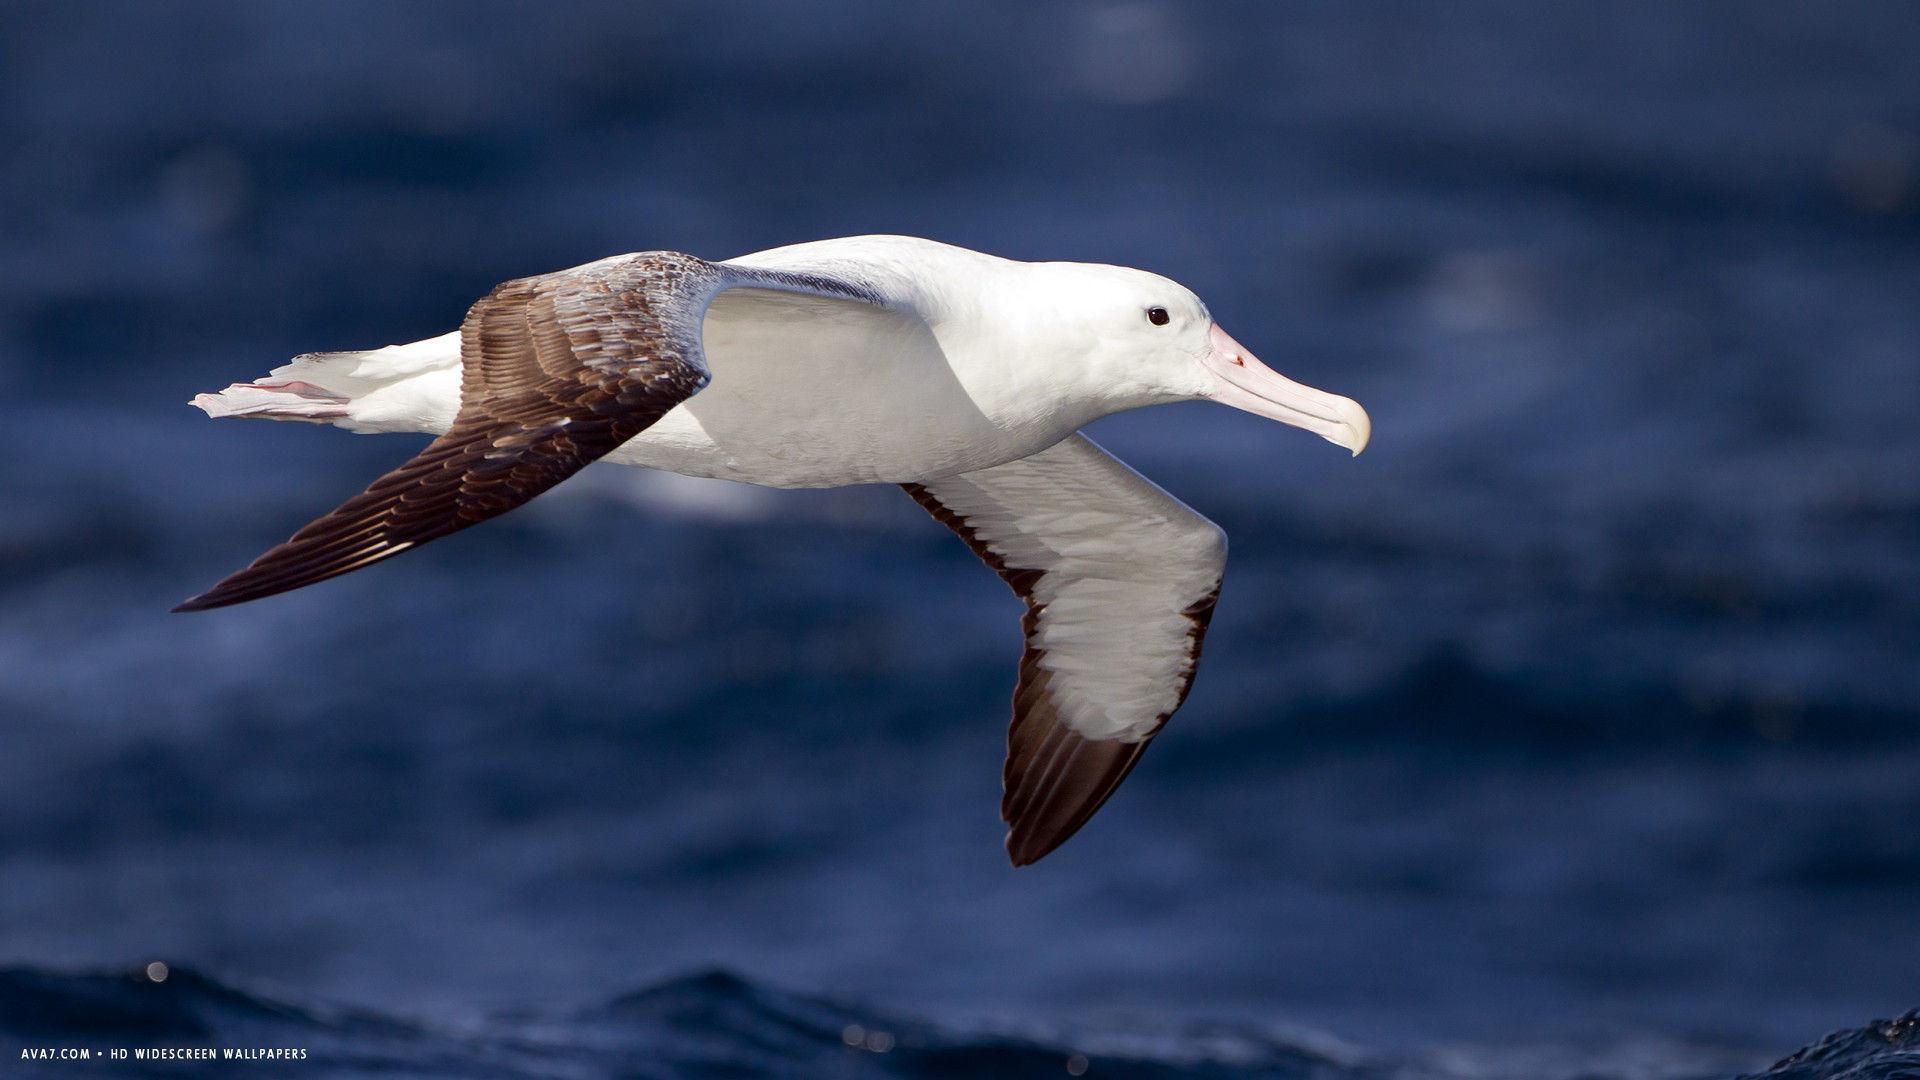 Res: 1920x1080, albatross southern royal seabird flight bird hd widescreen wallpaper